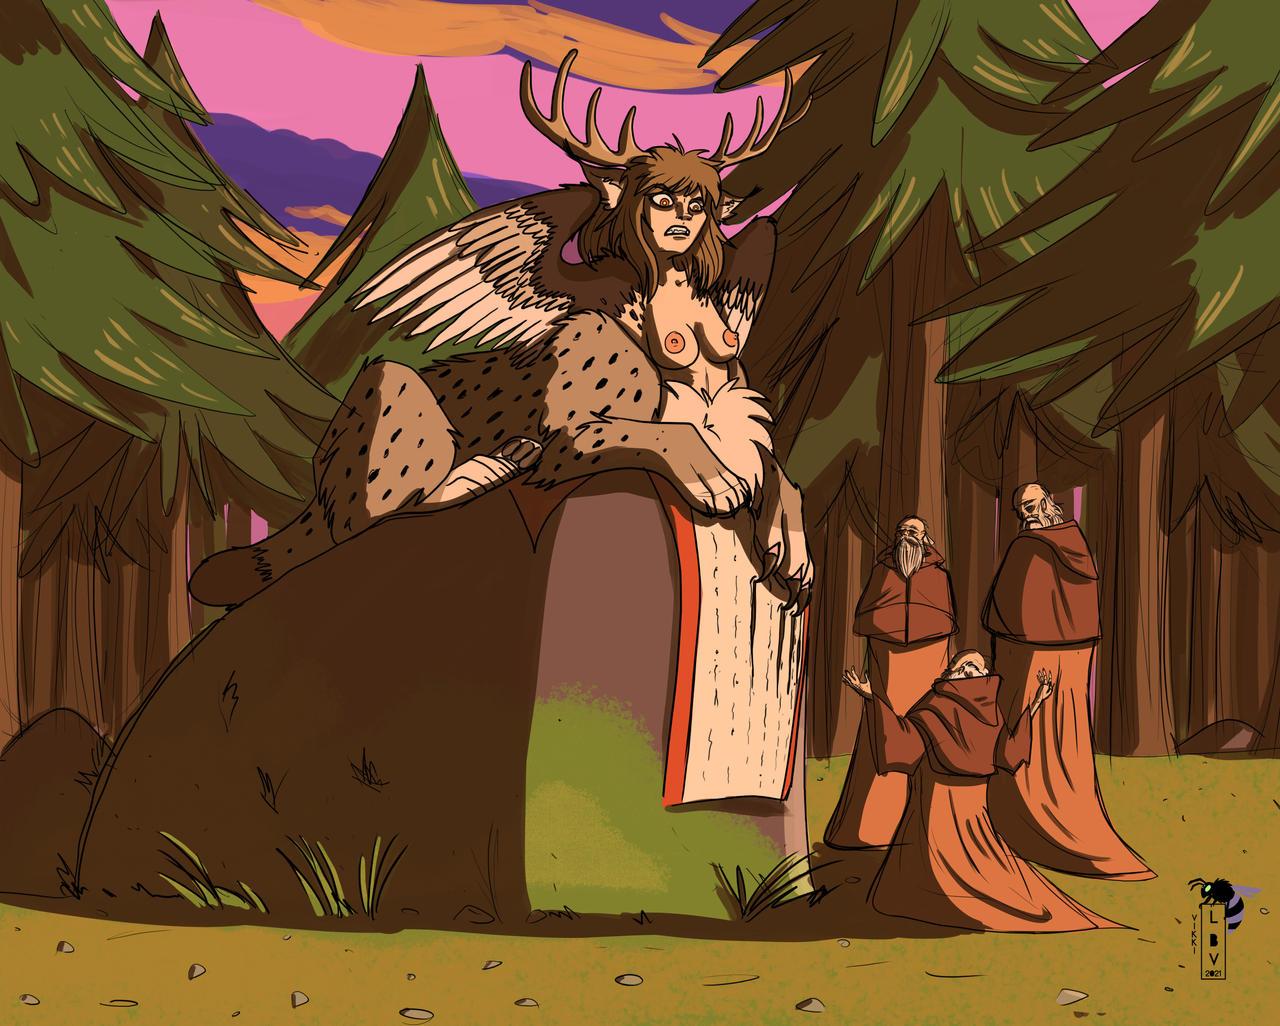 forest_sphinx_and_the_3_ancient_wises_by_erby500_deftg7f-fullview.jpg?token=eyJ0eXAiOiJKV1QiLCJhbGciOiJIUzI1NiJ9.eyJzdWIiOiJ1cm46YXBwOiIsImlzcyI6InVybjphcHA6Iiwib2JqIjpbW3siaGVpZ2h0IjoiPD0xMDI2IiwicGF0aCI6IlwvZlwvYWU3MWE0YWMtZjY4Yi00MTgzLThkMTktY2Q0NmQ2ODExYzM5XC9kZWZ0ZzdmLTIwYWEzZmI2LWEwOGYtNDhkZi1hOGQ0LTgwMDgzNmU3YWZjZS5qcGciLCJ3aWR0aCI6Ijw9MTI4MCJ9XV0sImF1ZCI6WyJ1cm46c2VydmljZTppbWFnZS5vcGVyYXRpb25zIl19.aOeL7Clf-6a5dhMmziKukE-Fw7qWsNsuVgUqP2_LnXM